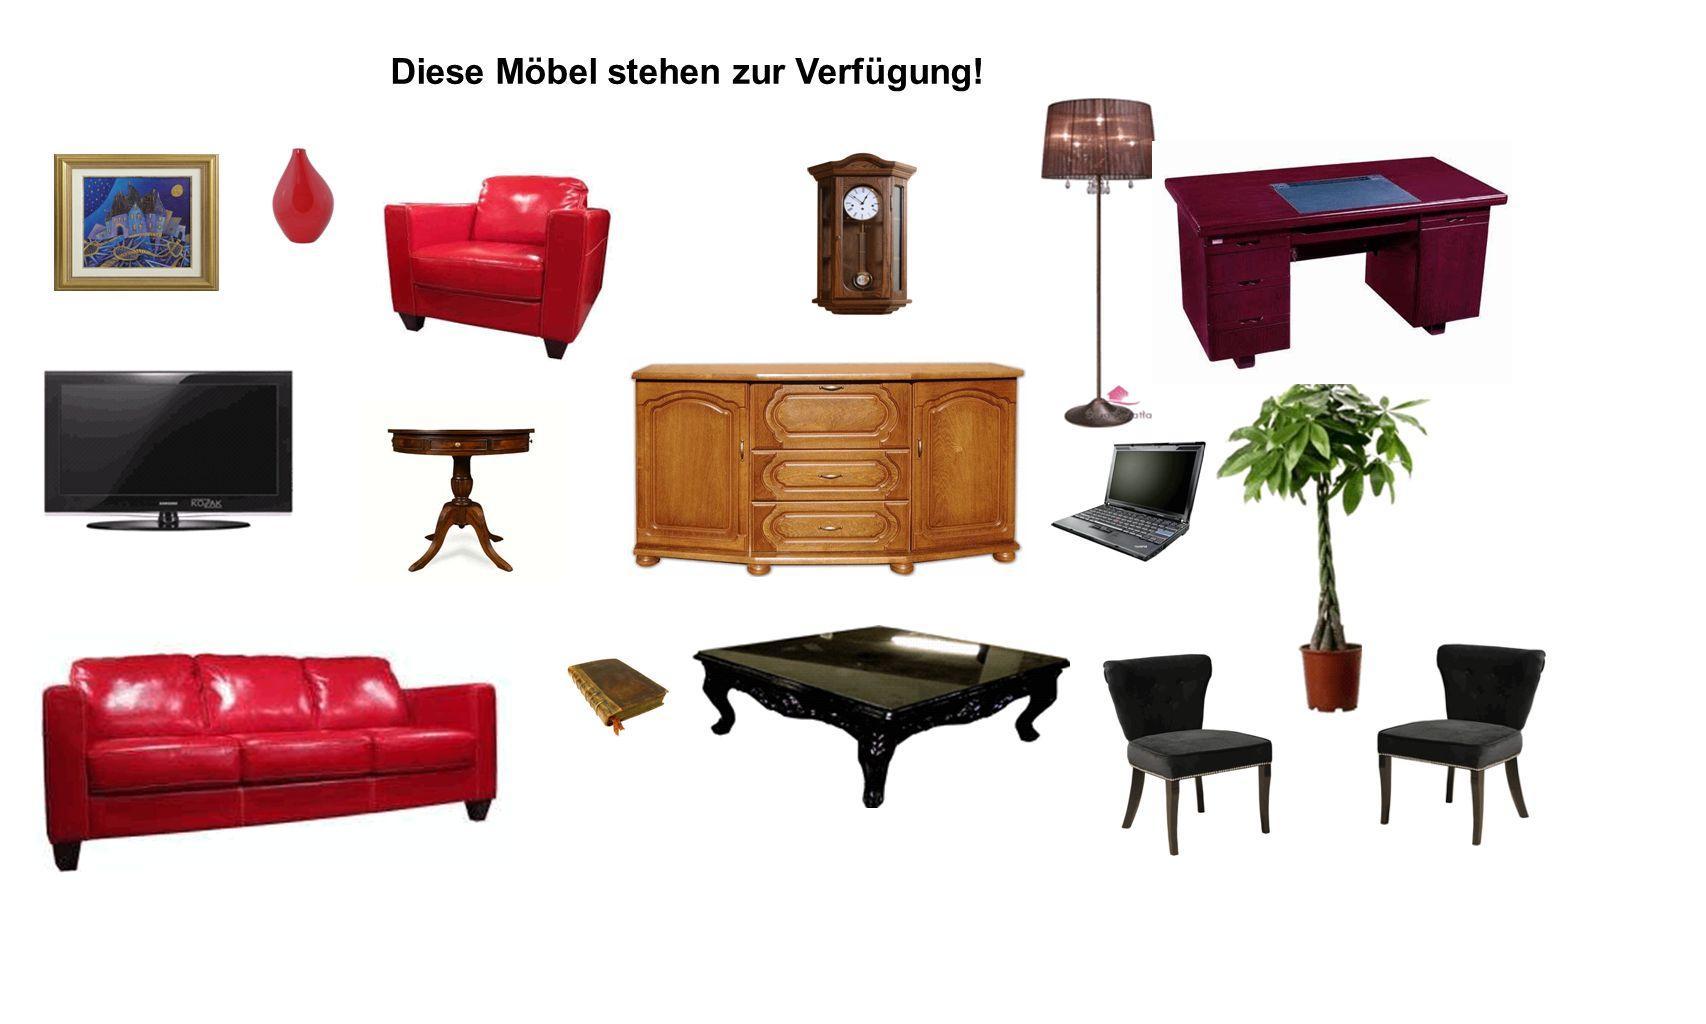 Diese Möbel stehen zur Verfügung!